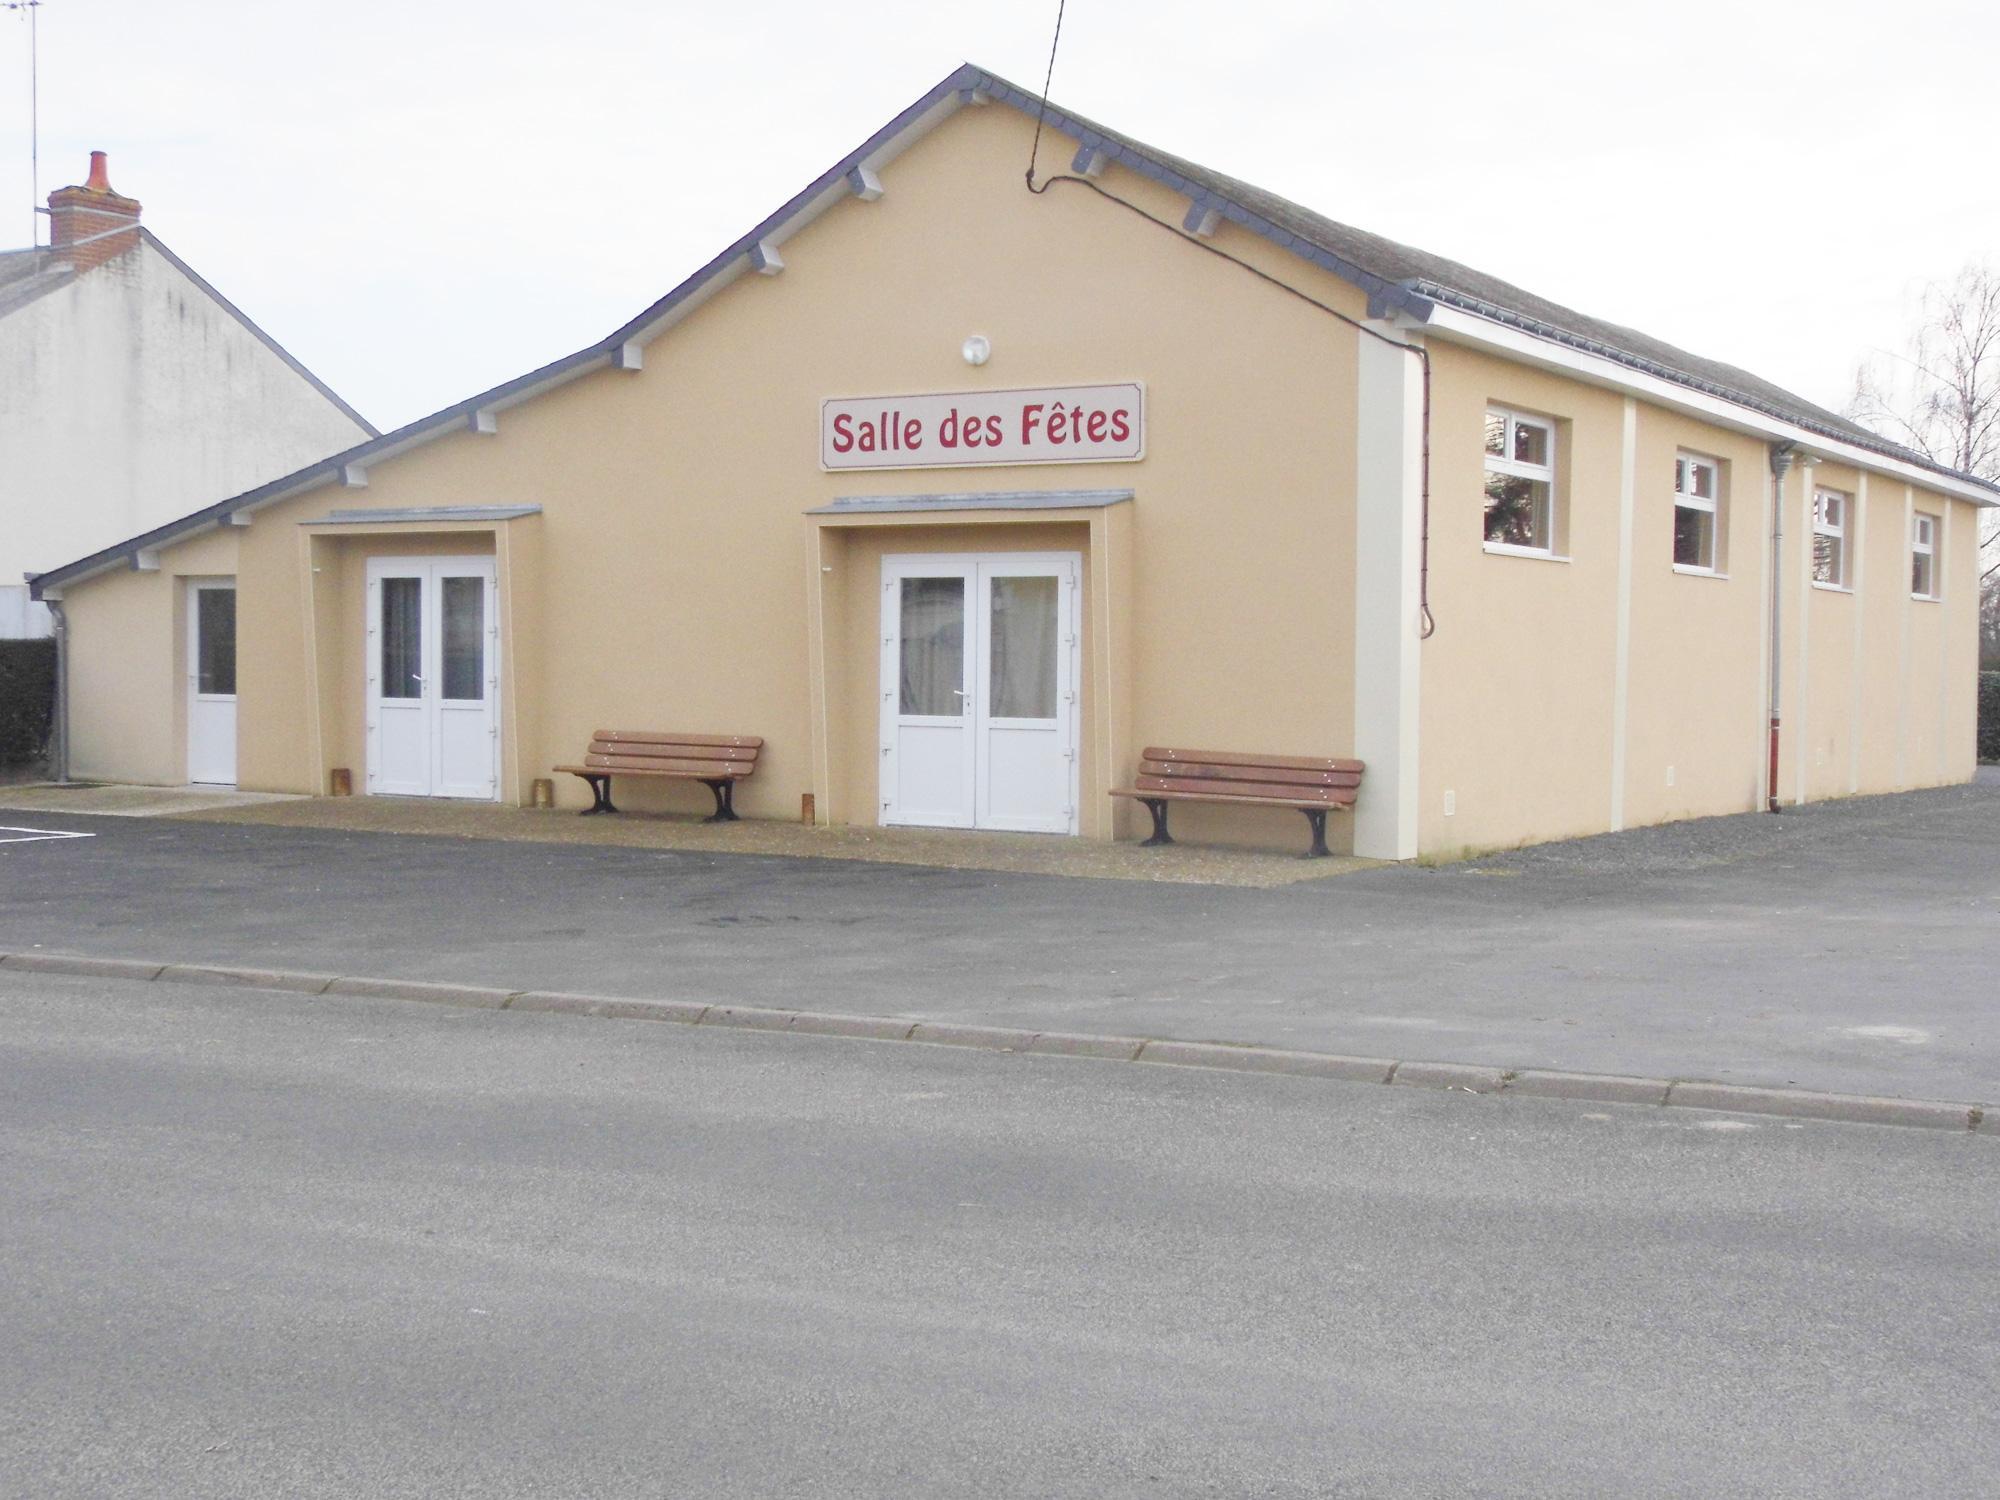 Salle des fêtes de Broc